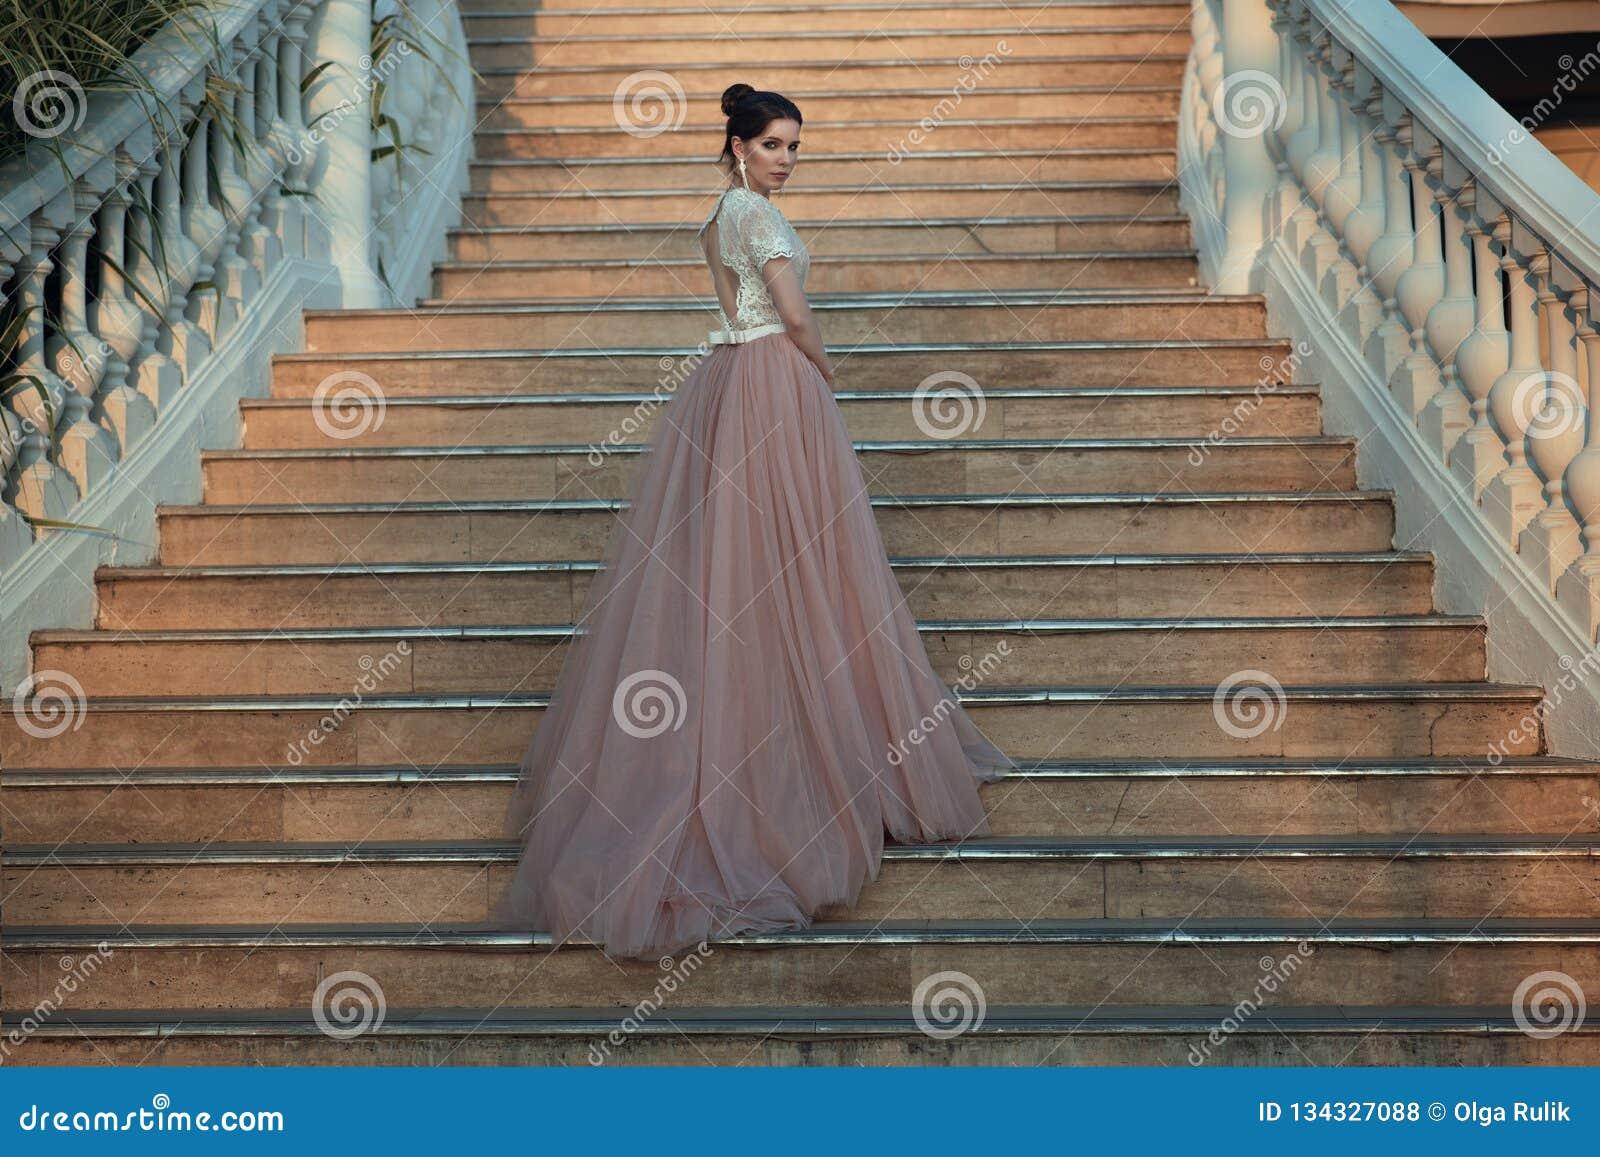 Schöne Dame im luxuriösen Ballsaalkleid gehend herauf die Treppe ihres Palastes